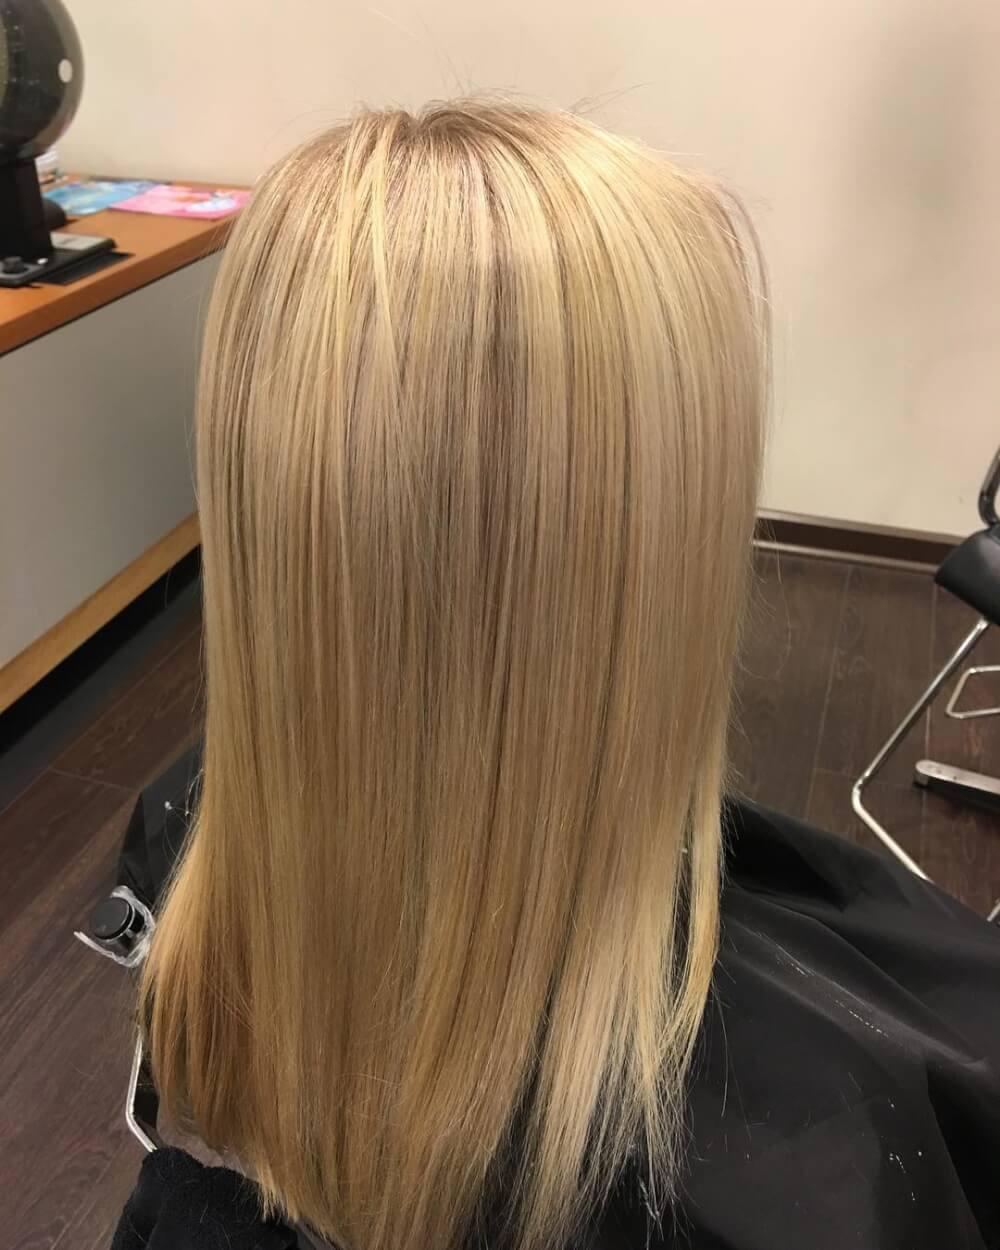 Summer Blonde hairstyle